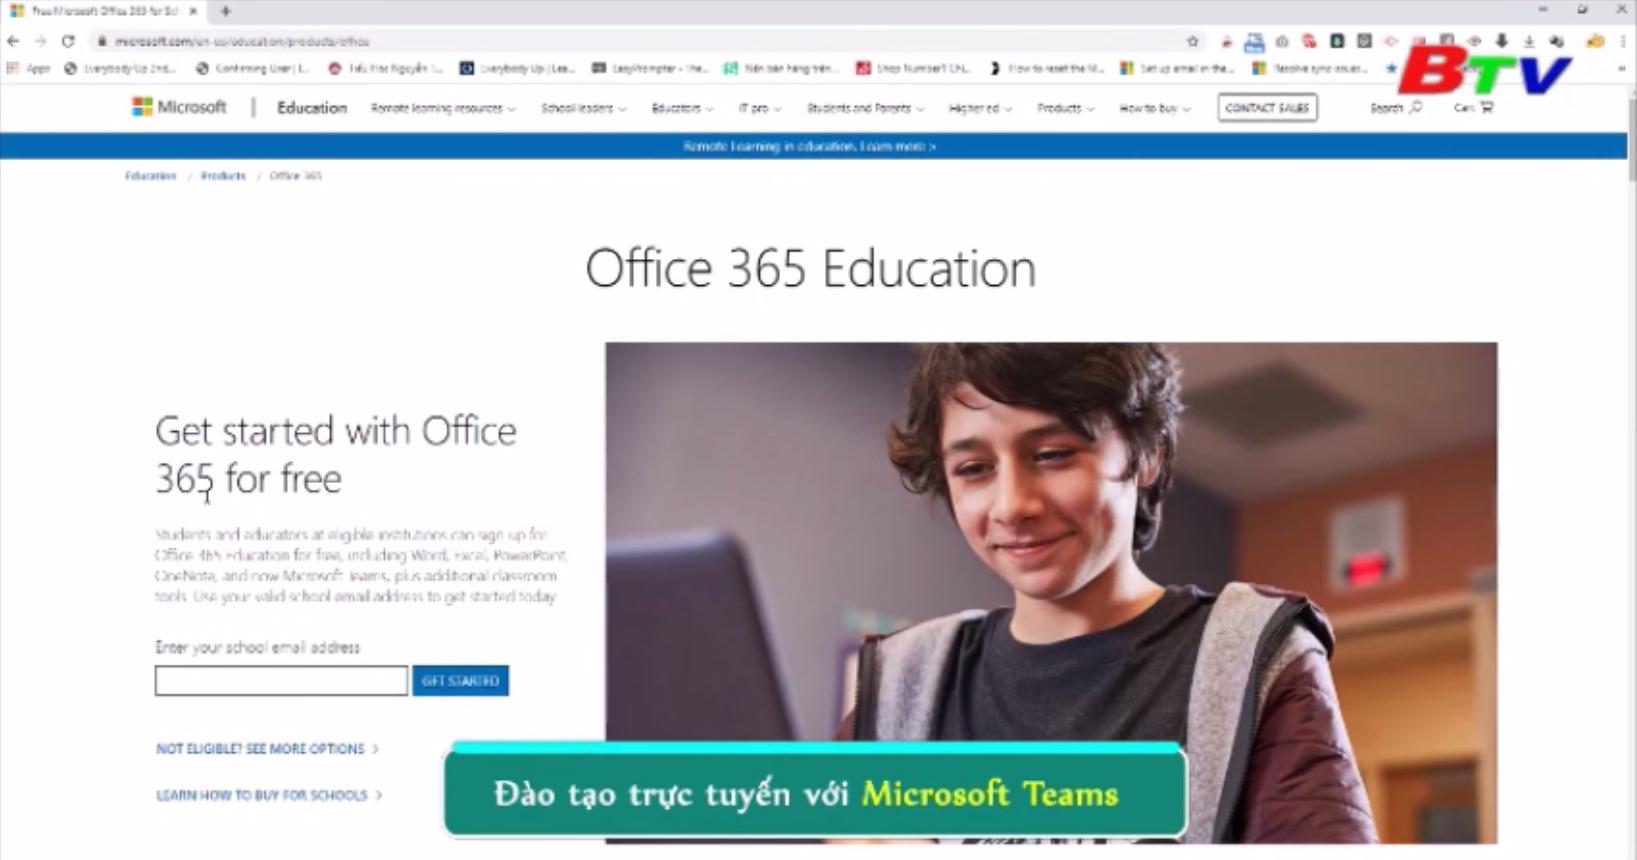 Đào tạo trực tuyến với Microsoft Teams